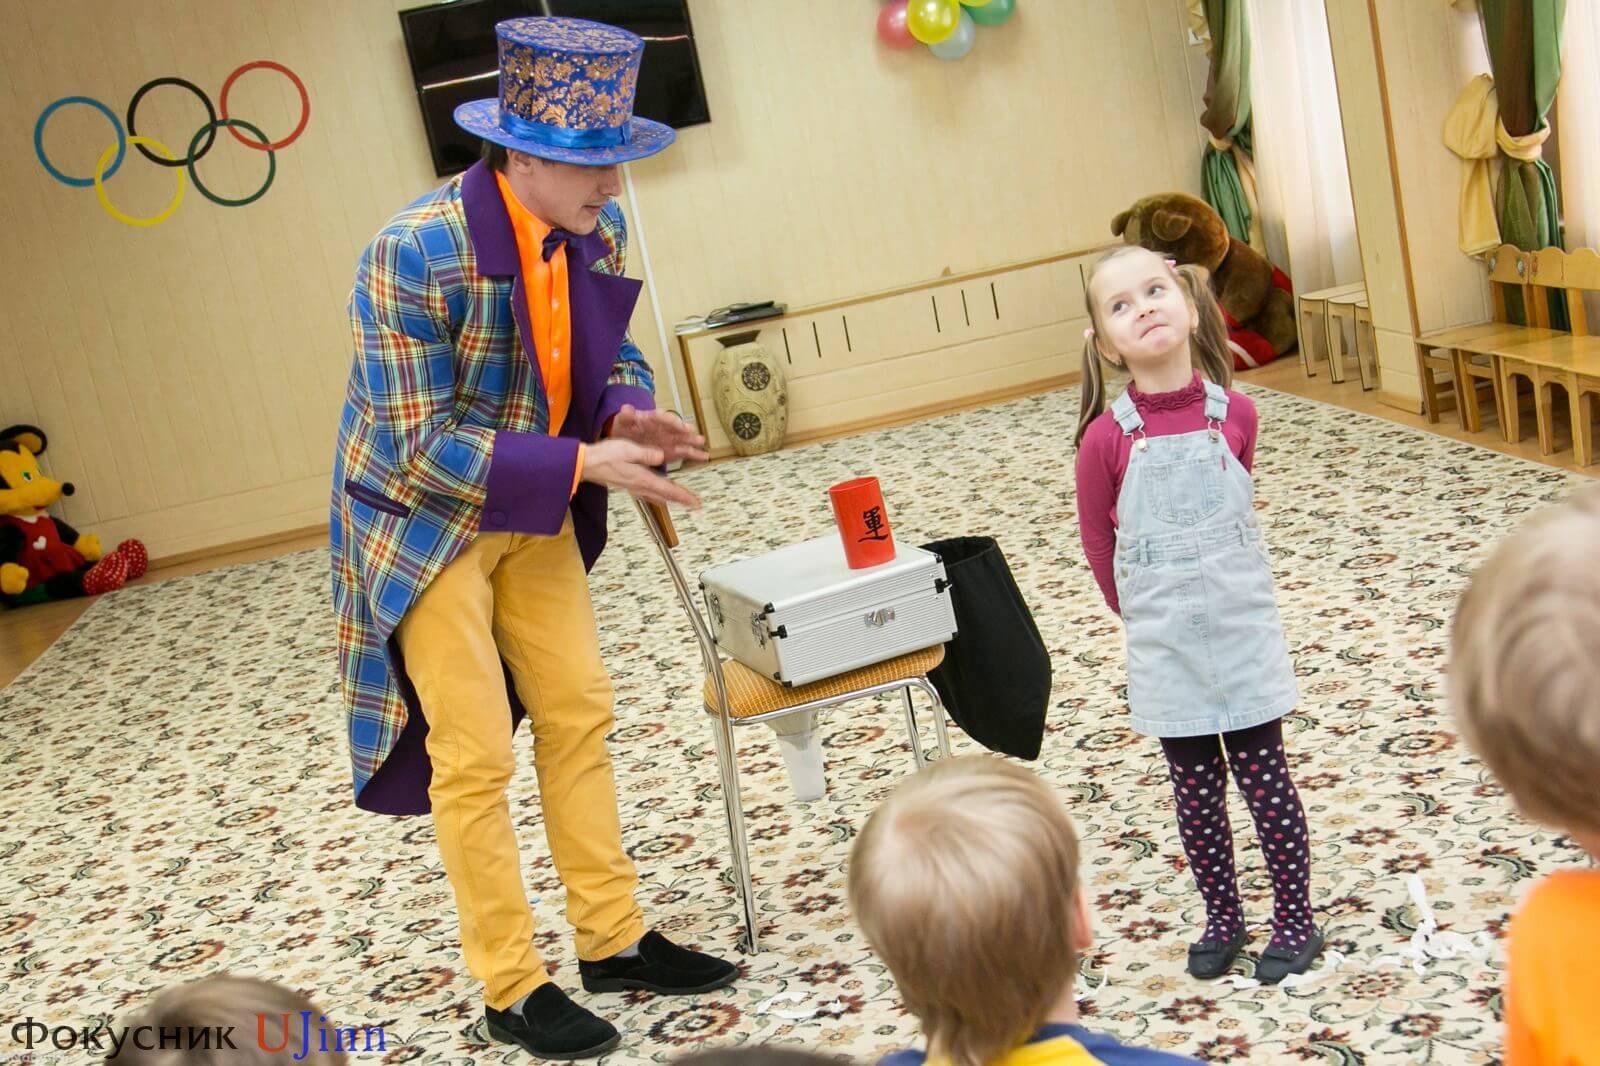 Фокусник Юджинн в детском саду 10